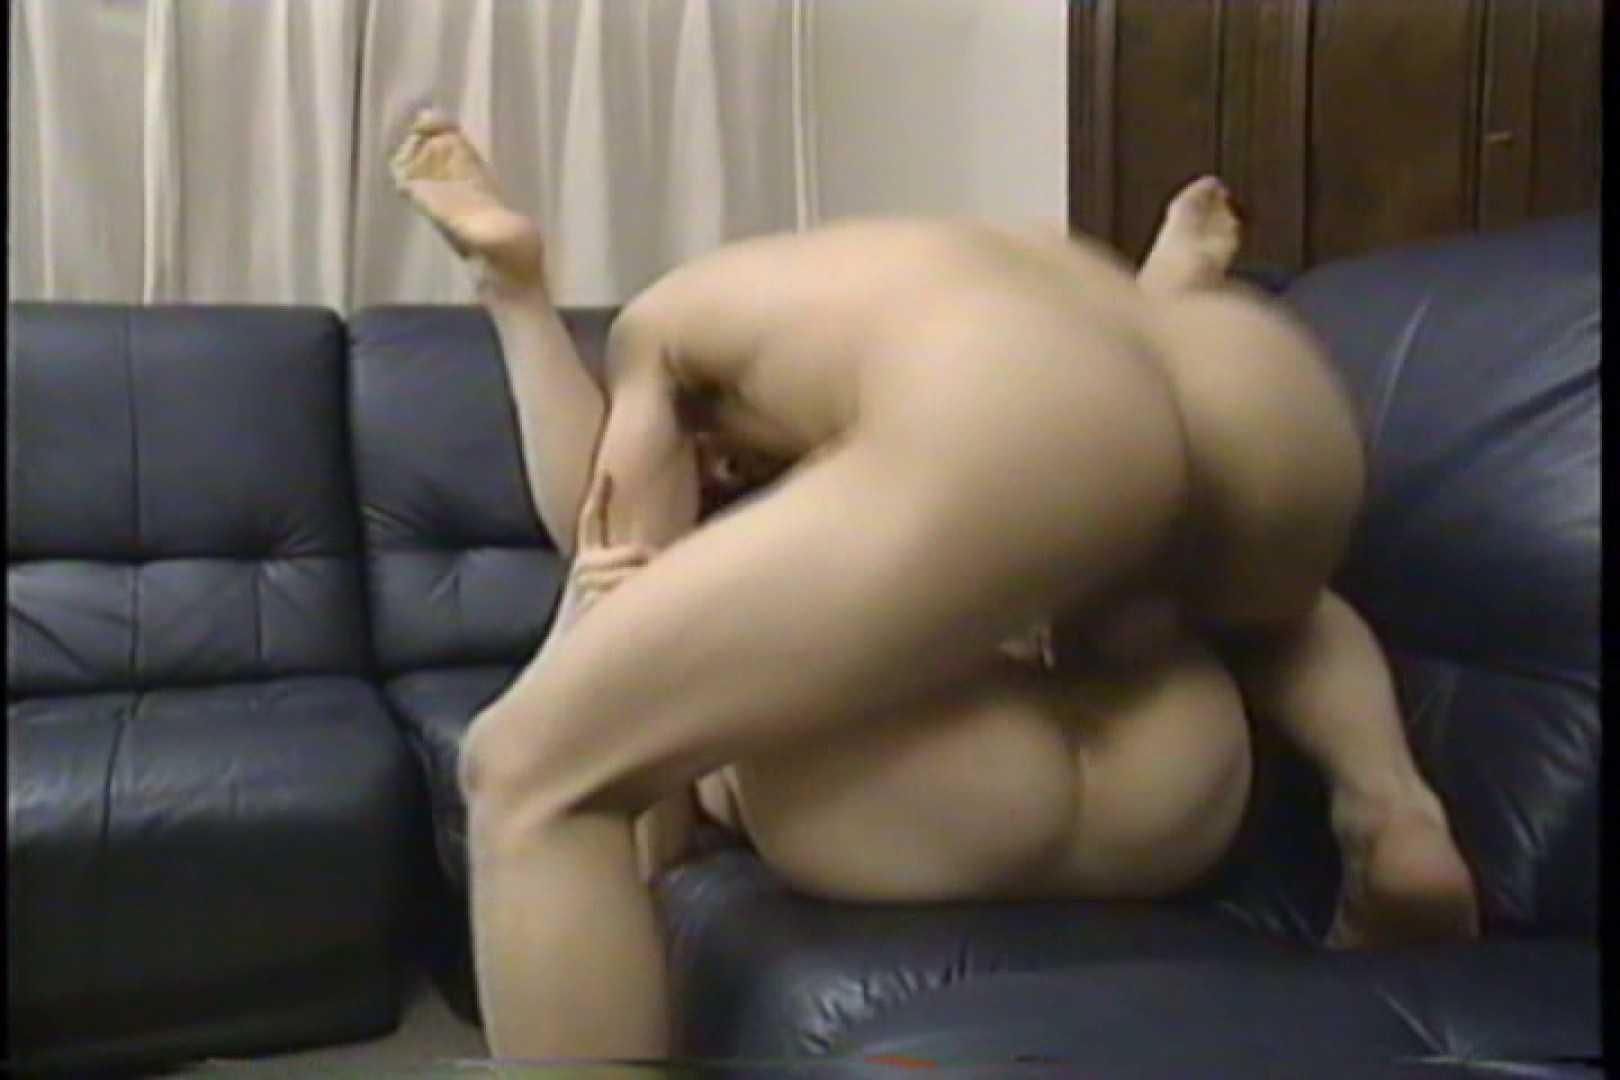 かわいい人妻、巨乳が疼いて止まらない~飯島れいか~ バイブプレイ | 人妻のエッチ  106pic 6